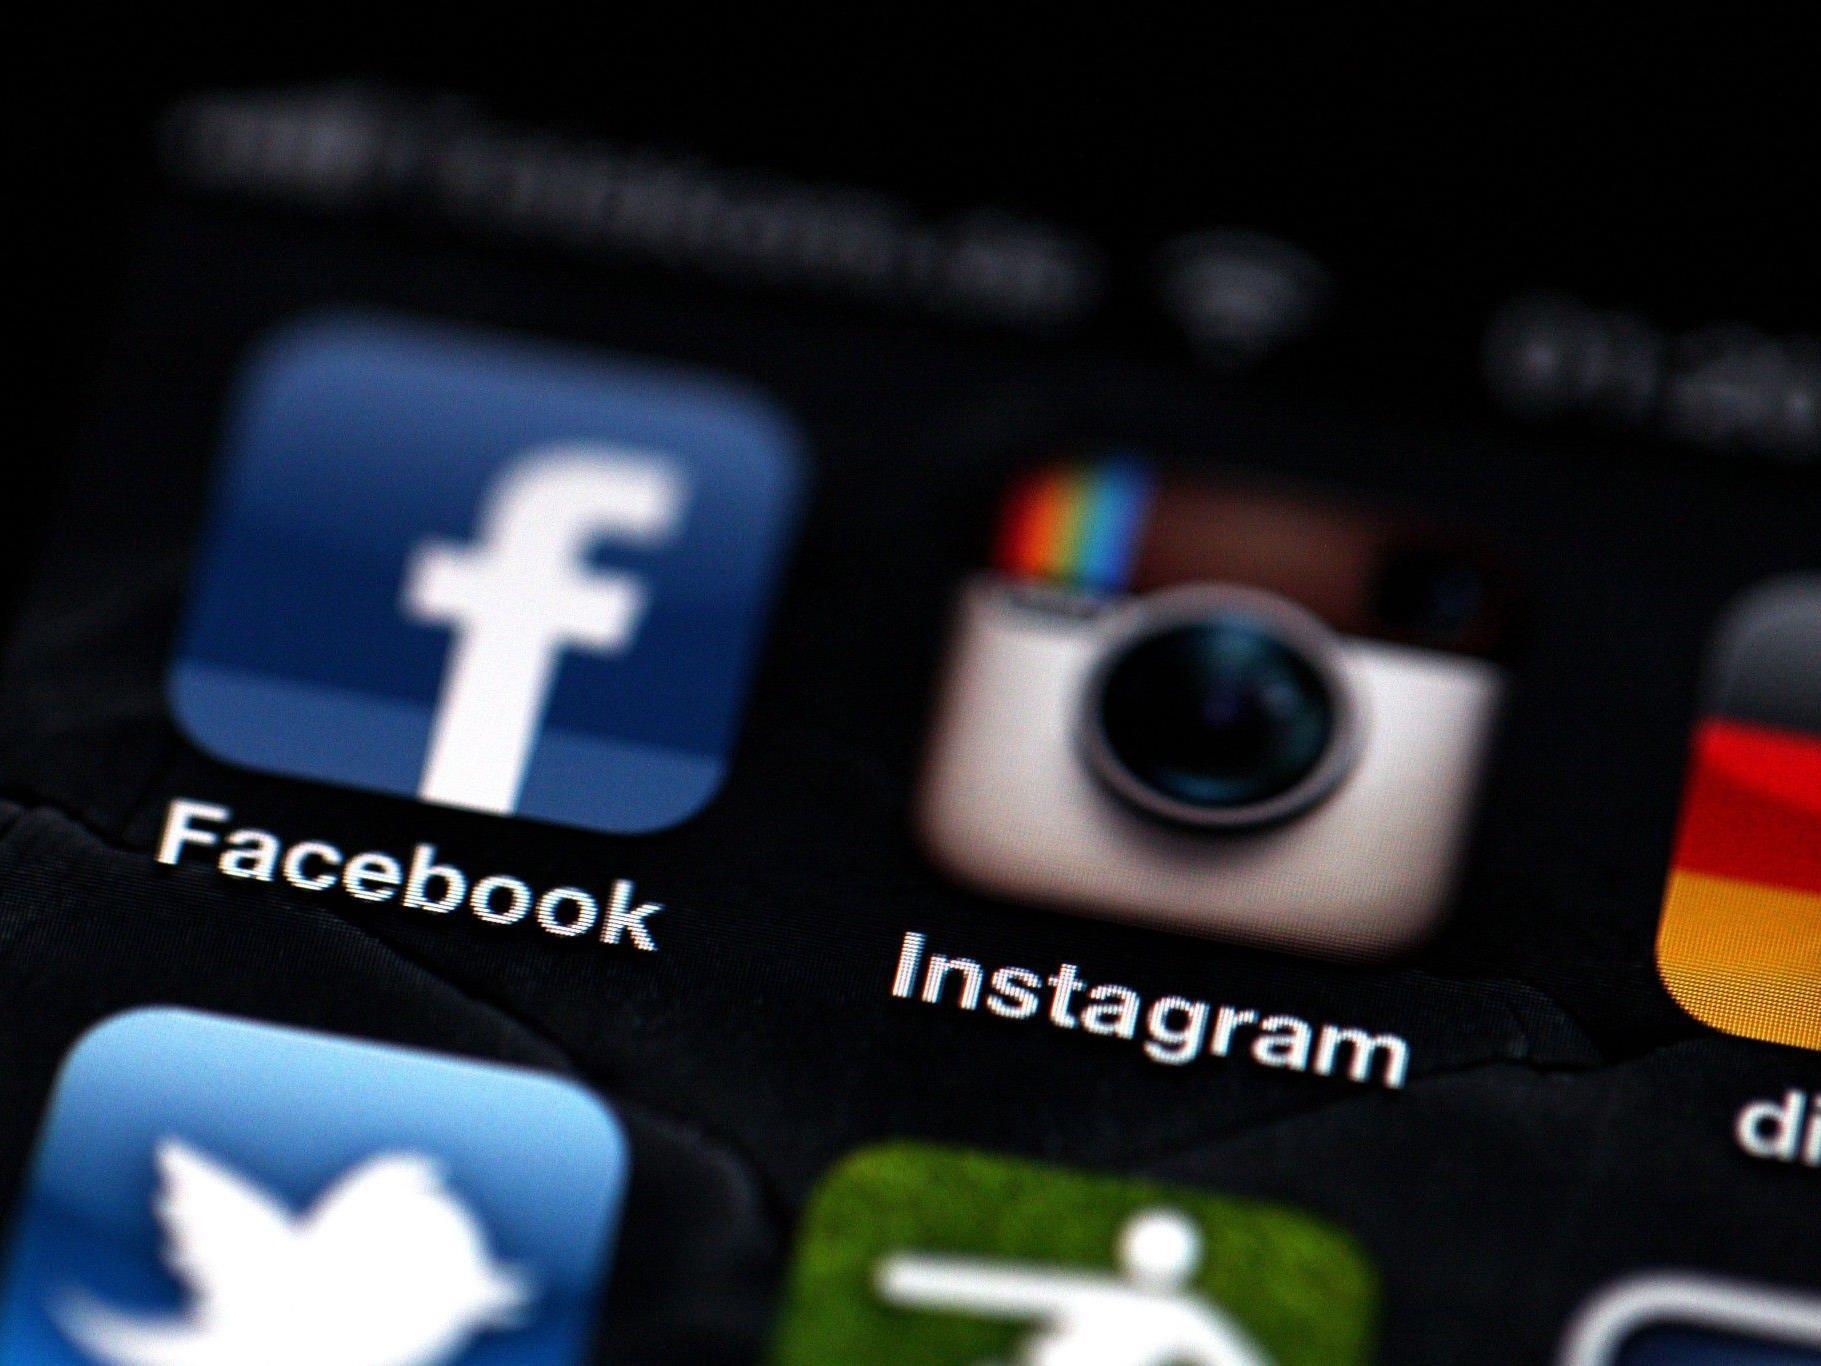 Kompetenz im Umgang mit sozialen Medien wird immer wichtiger.